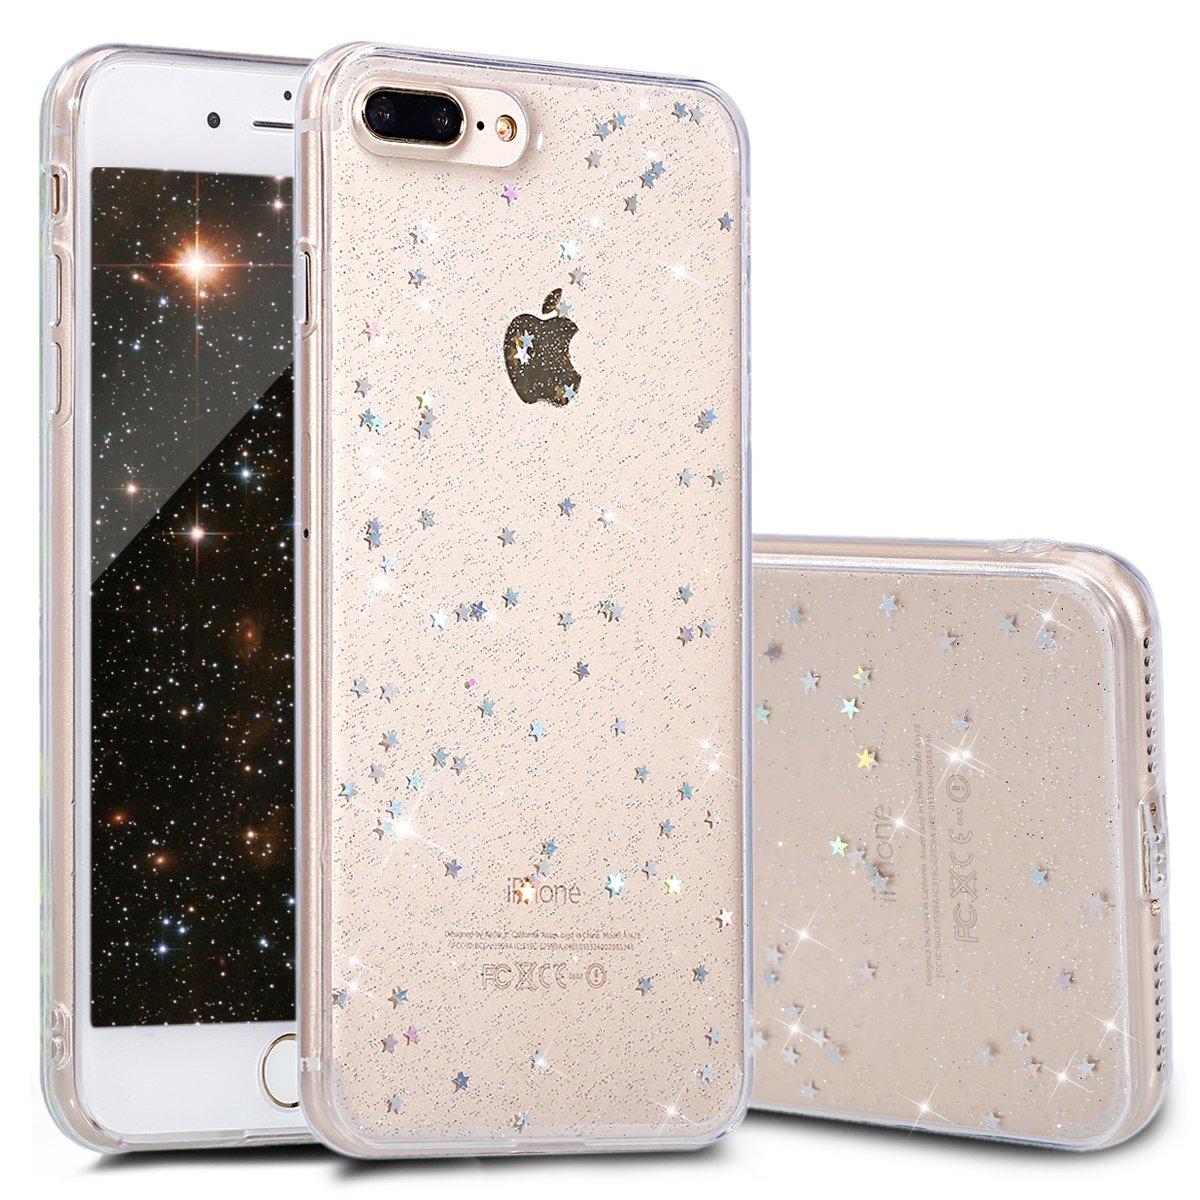 iPhone 7 -/8 Plusに対応するUkayfeケース iPhone、ウルトラスリムTPUラグジュアリークリスタルキラキラ光沢のあるケースカバーケースカバークリスタルクリアケースハウジング 7/8 - 透明 B01N4LKRRS, オールコムスイーツ王国:01958093 --- cooleycoastrun.com